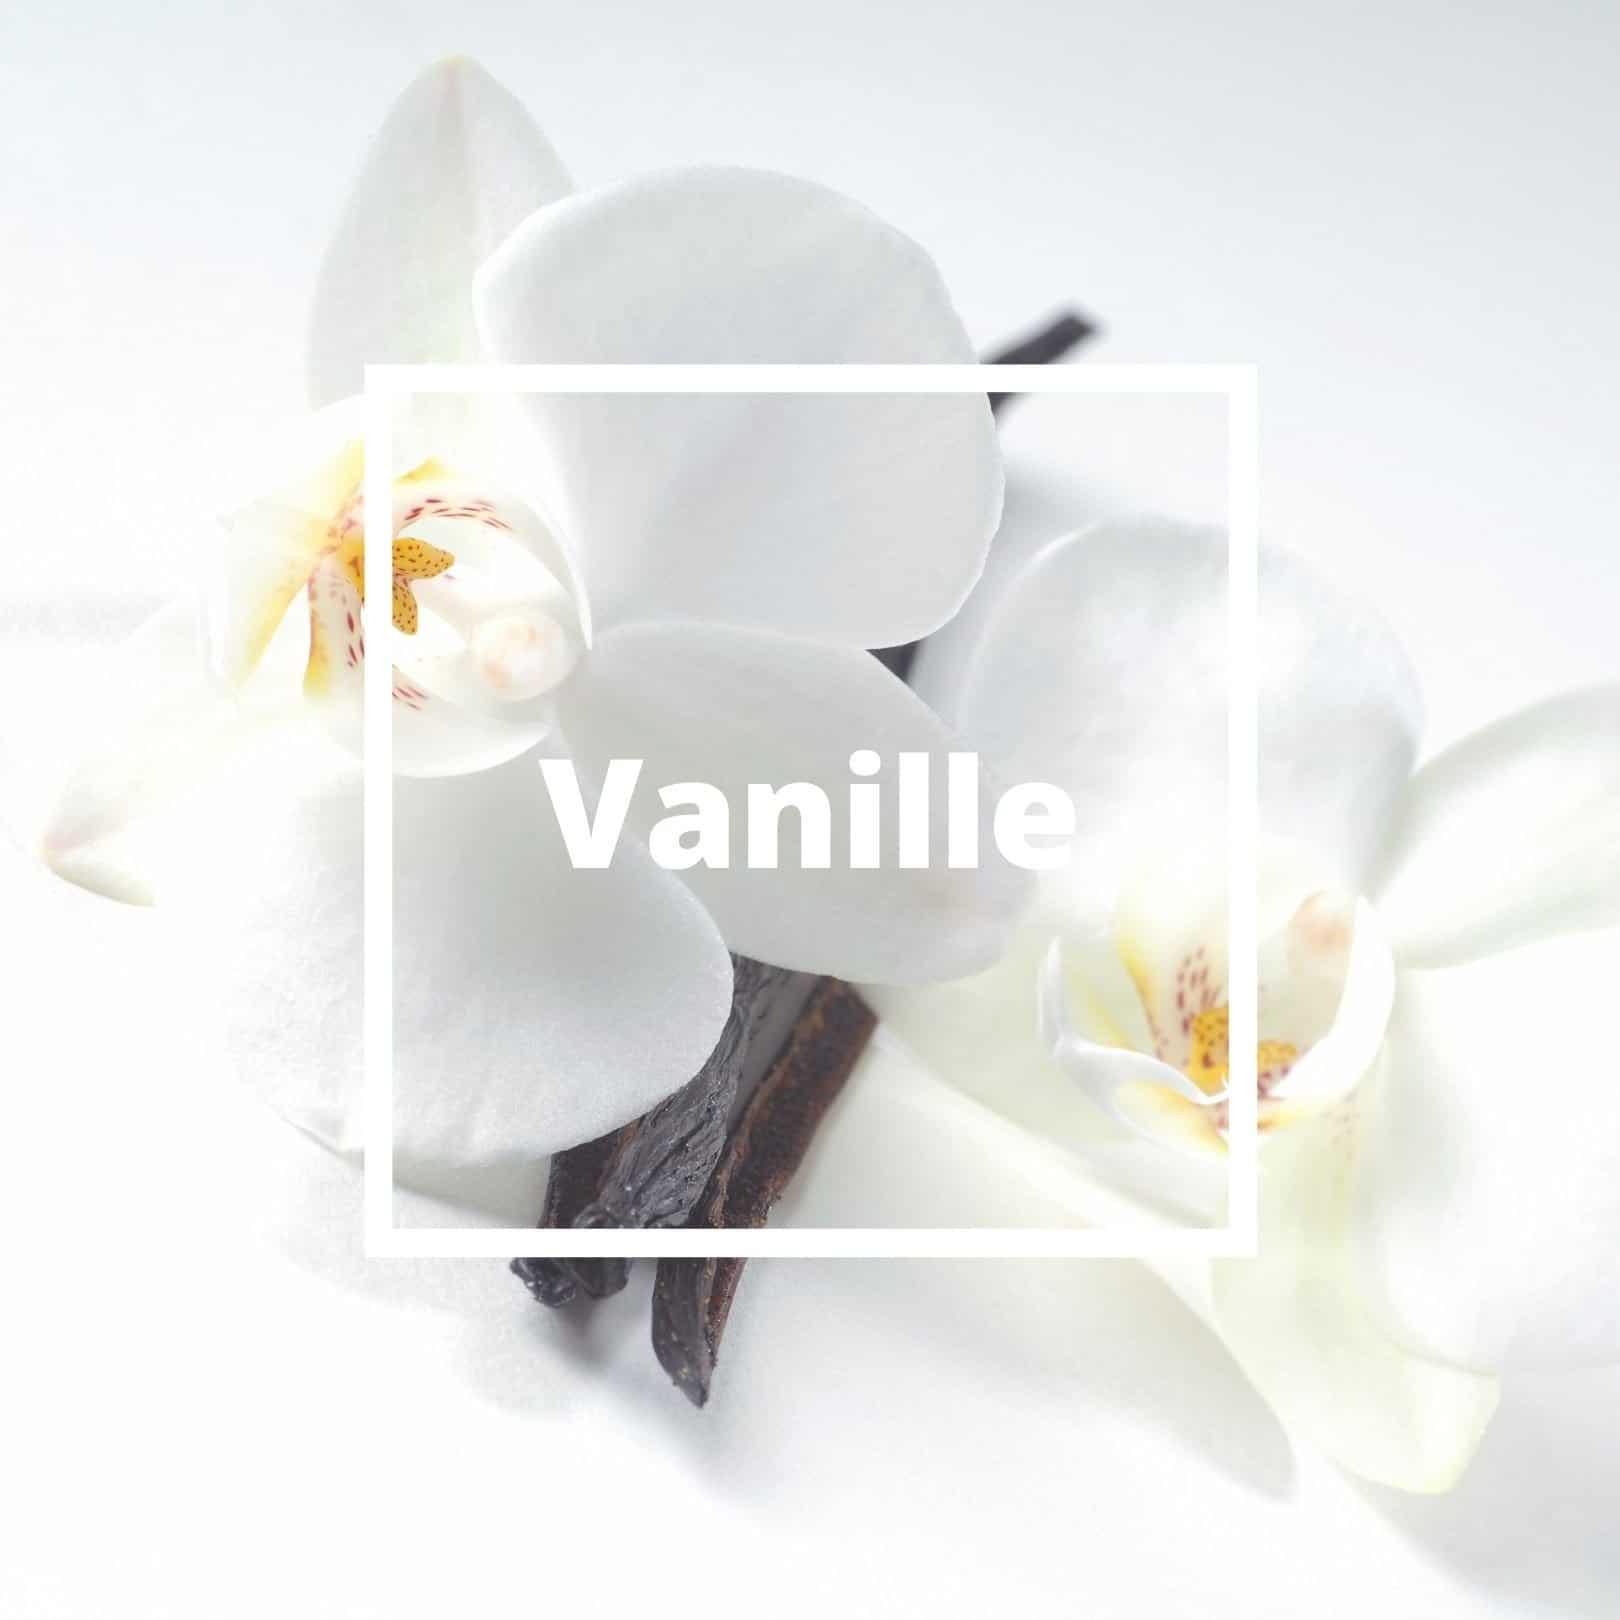 L'ATELIERO - Vanille - Belle Mademoiselle